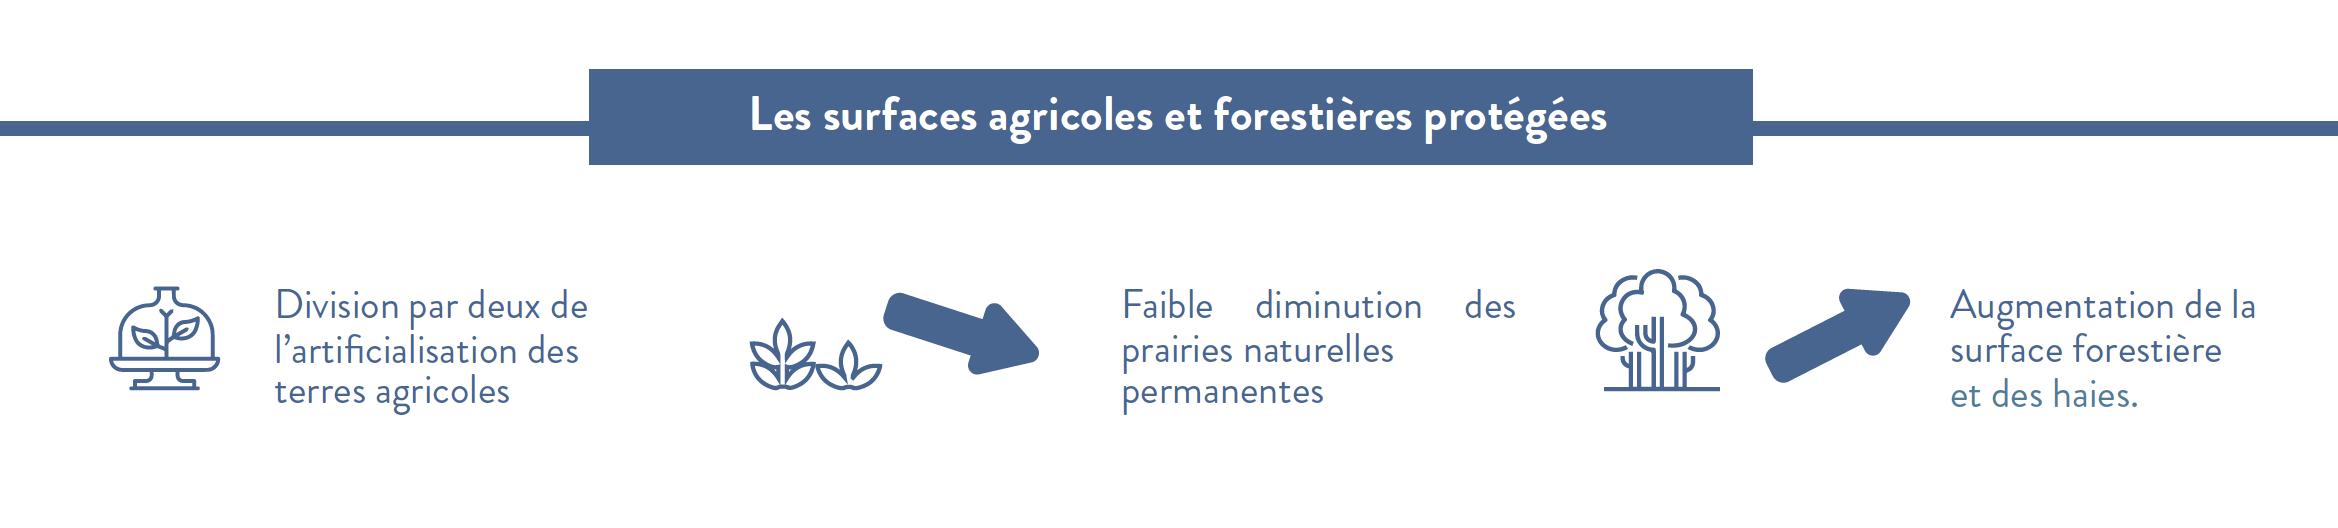 Surfaces agricoles et forestières protégées